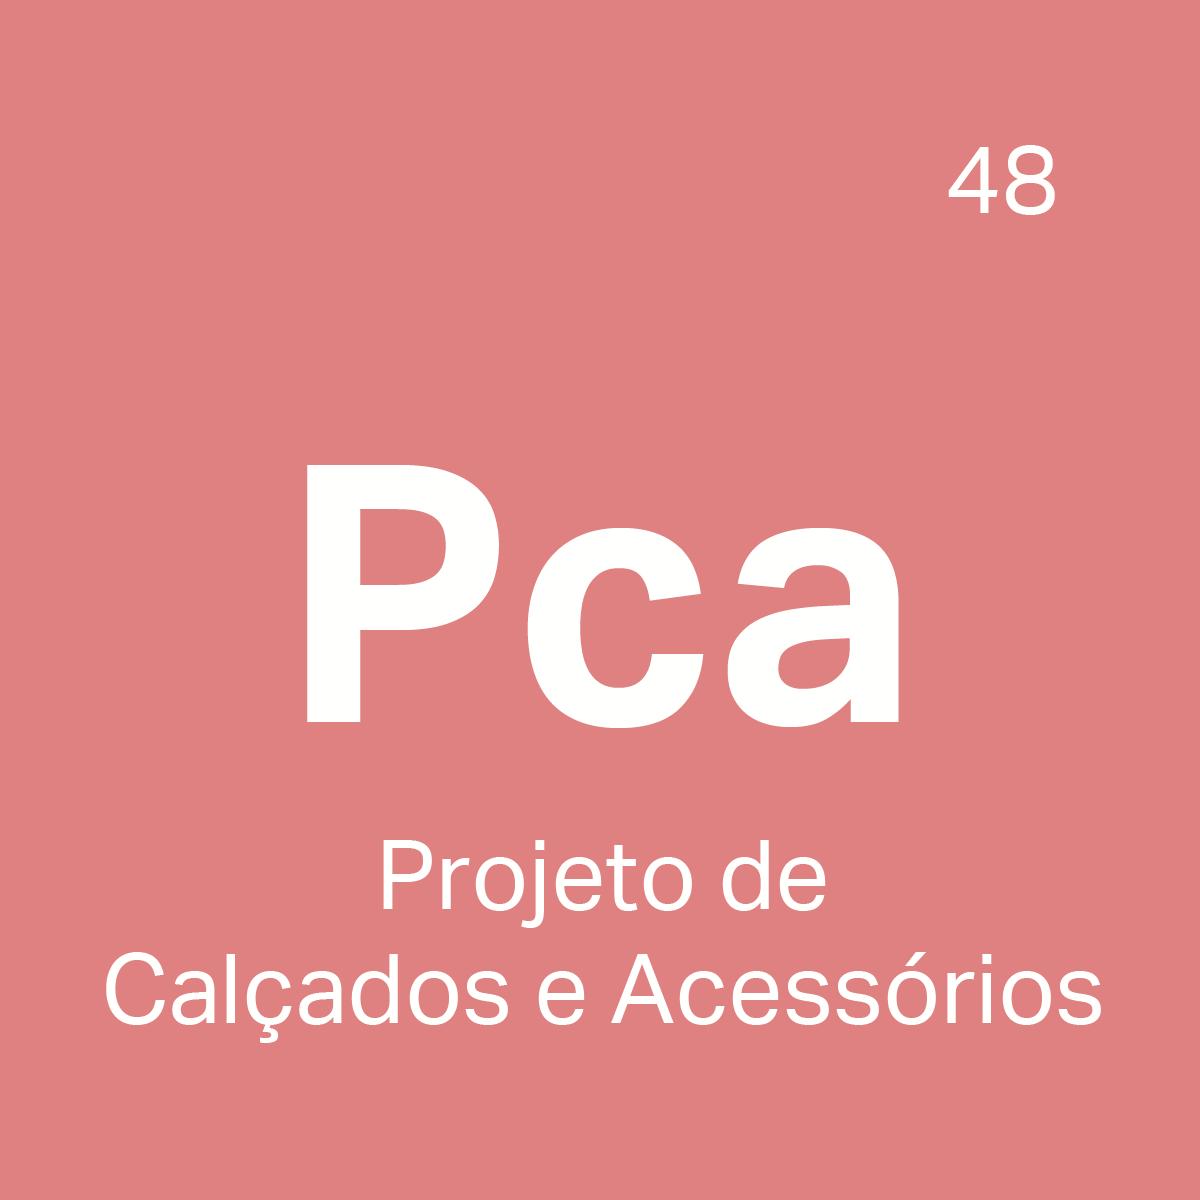 Curso Projeto de Calçados e Acessórios - 4ED escola de design